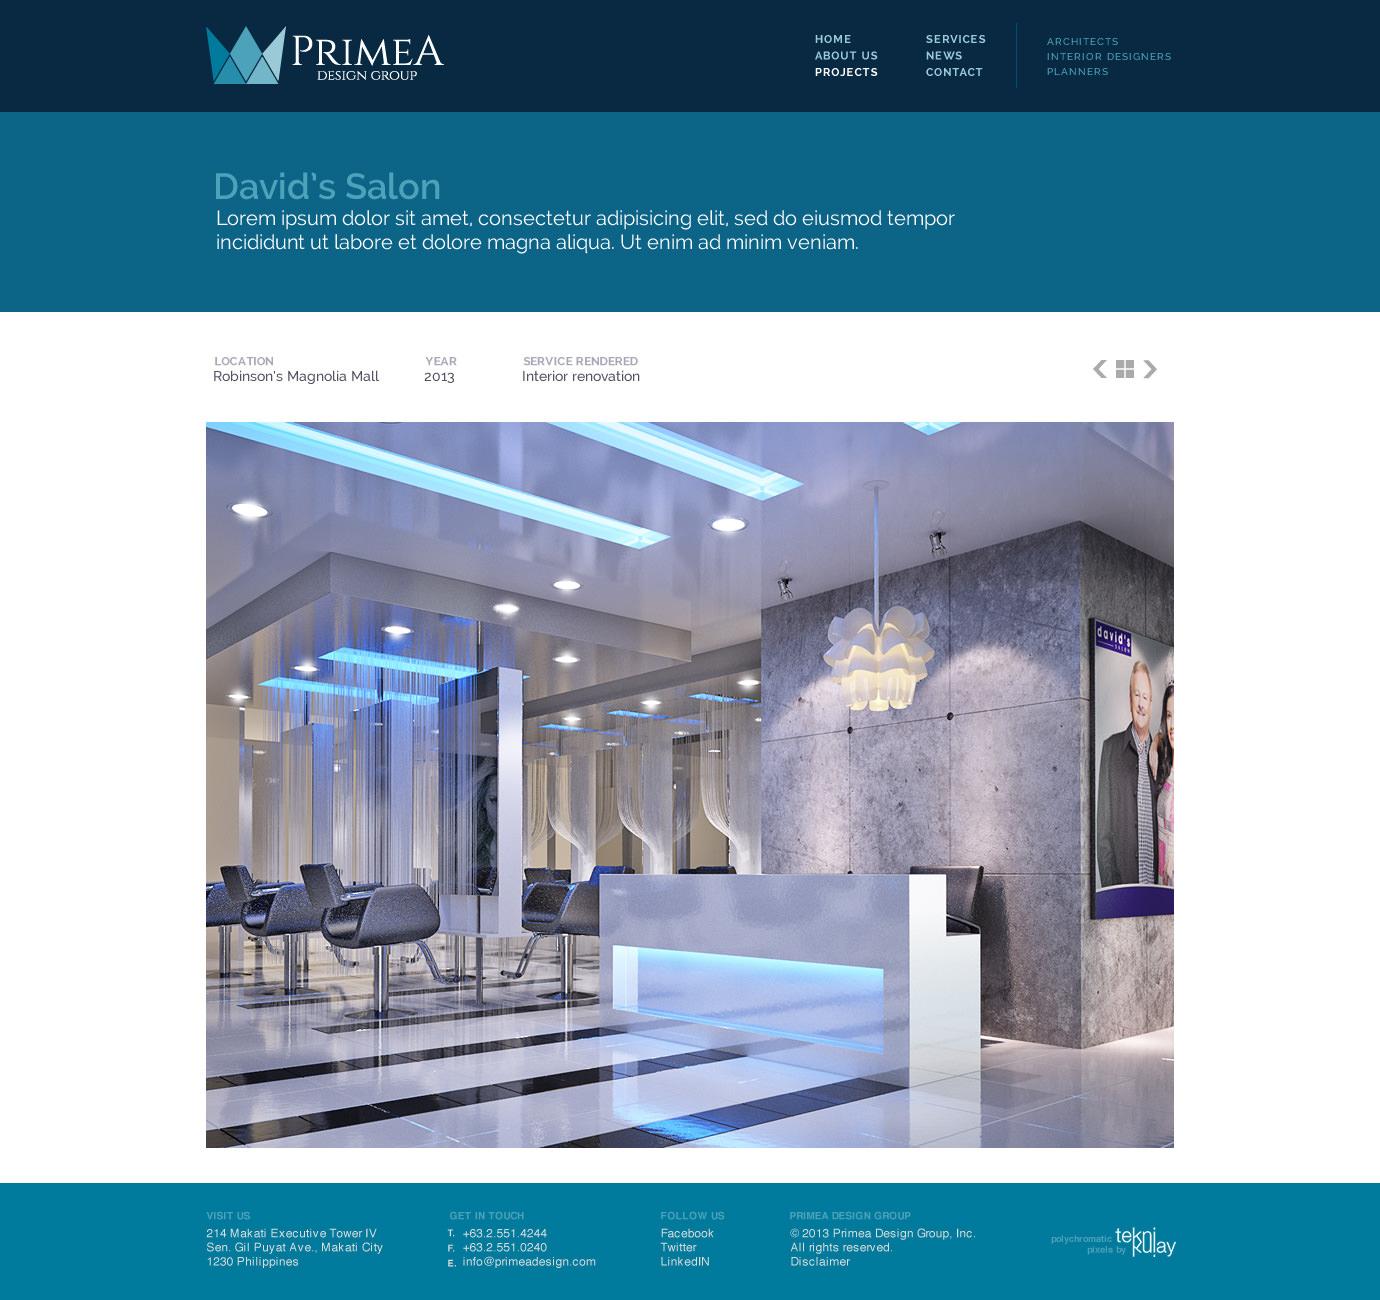 Primea design group